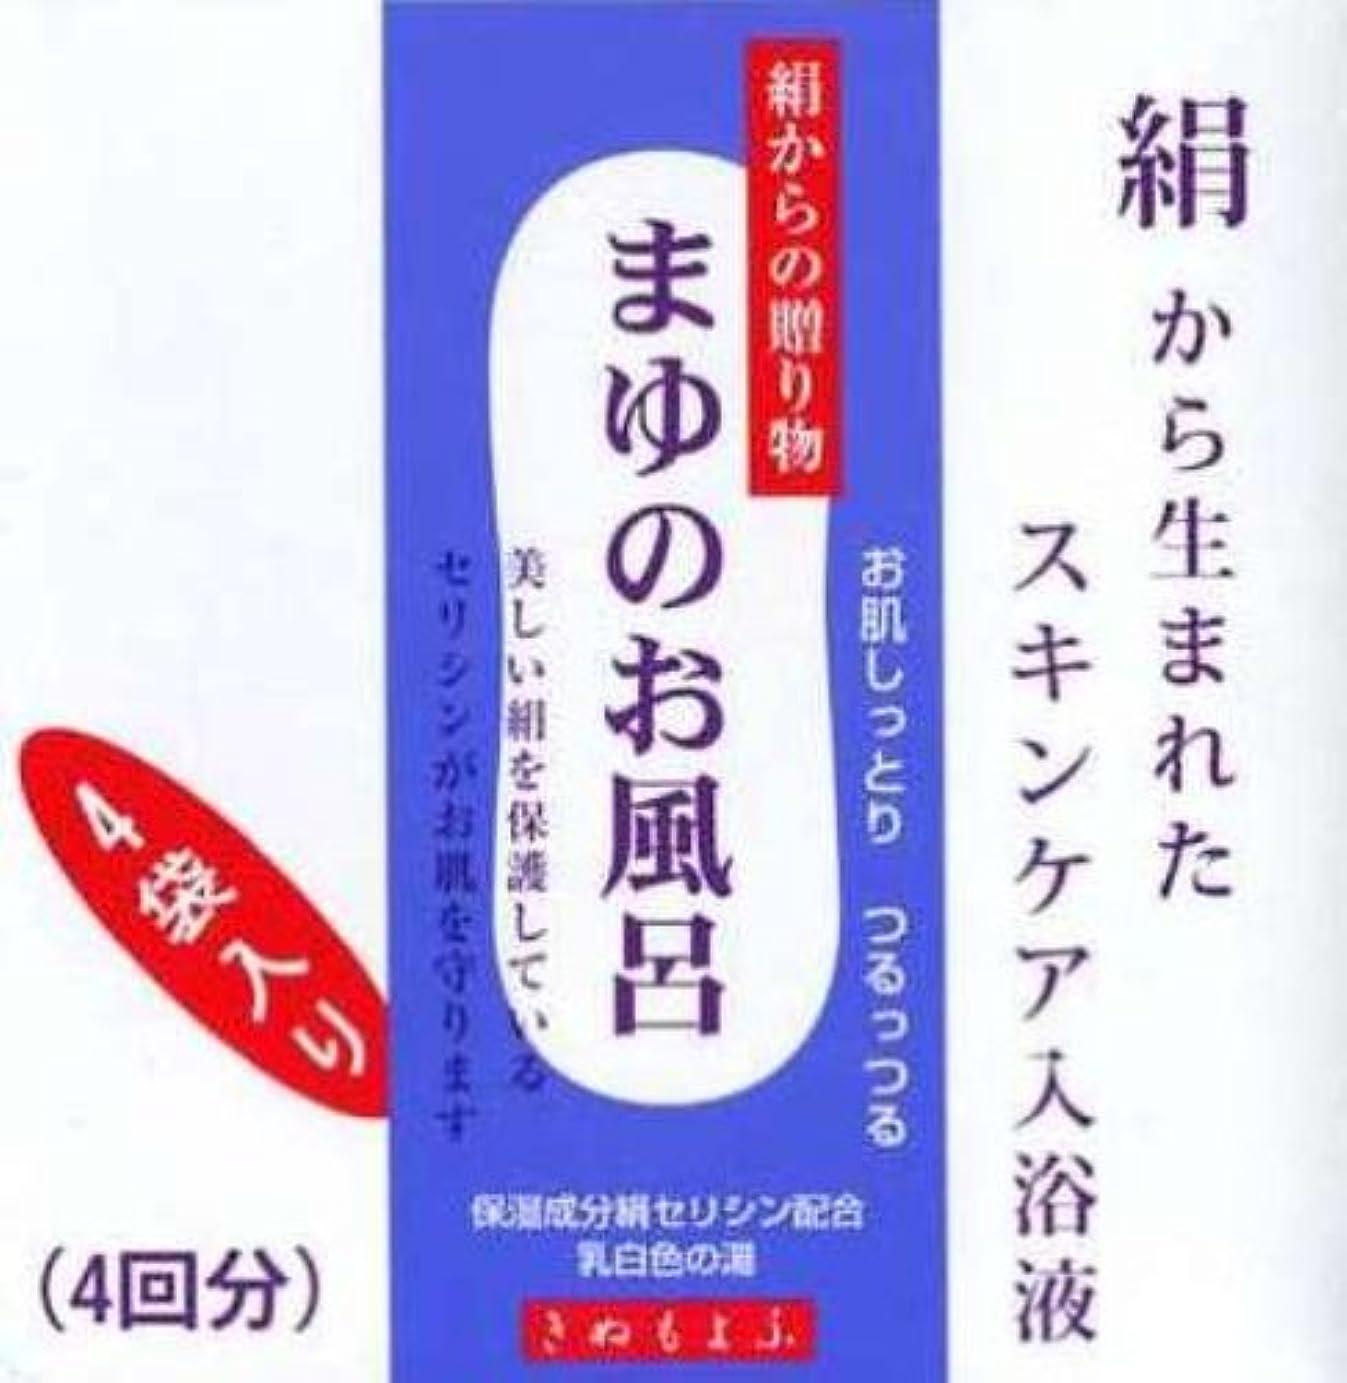 瀬戸際見えないしなやかなまゆシリーズ きぬもよふ まゆのお風呂 25ml(1回分×4袋)